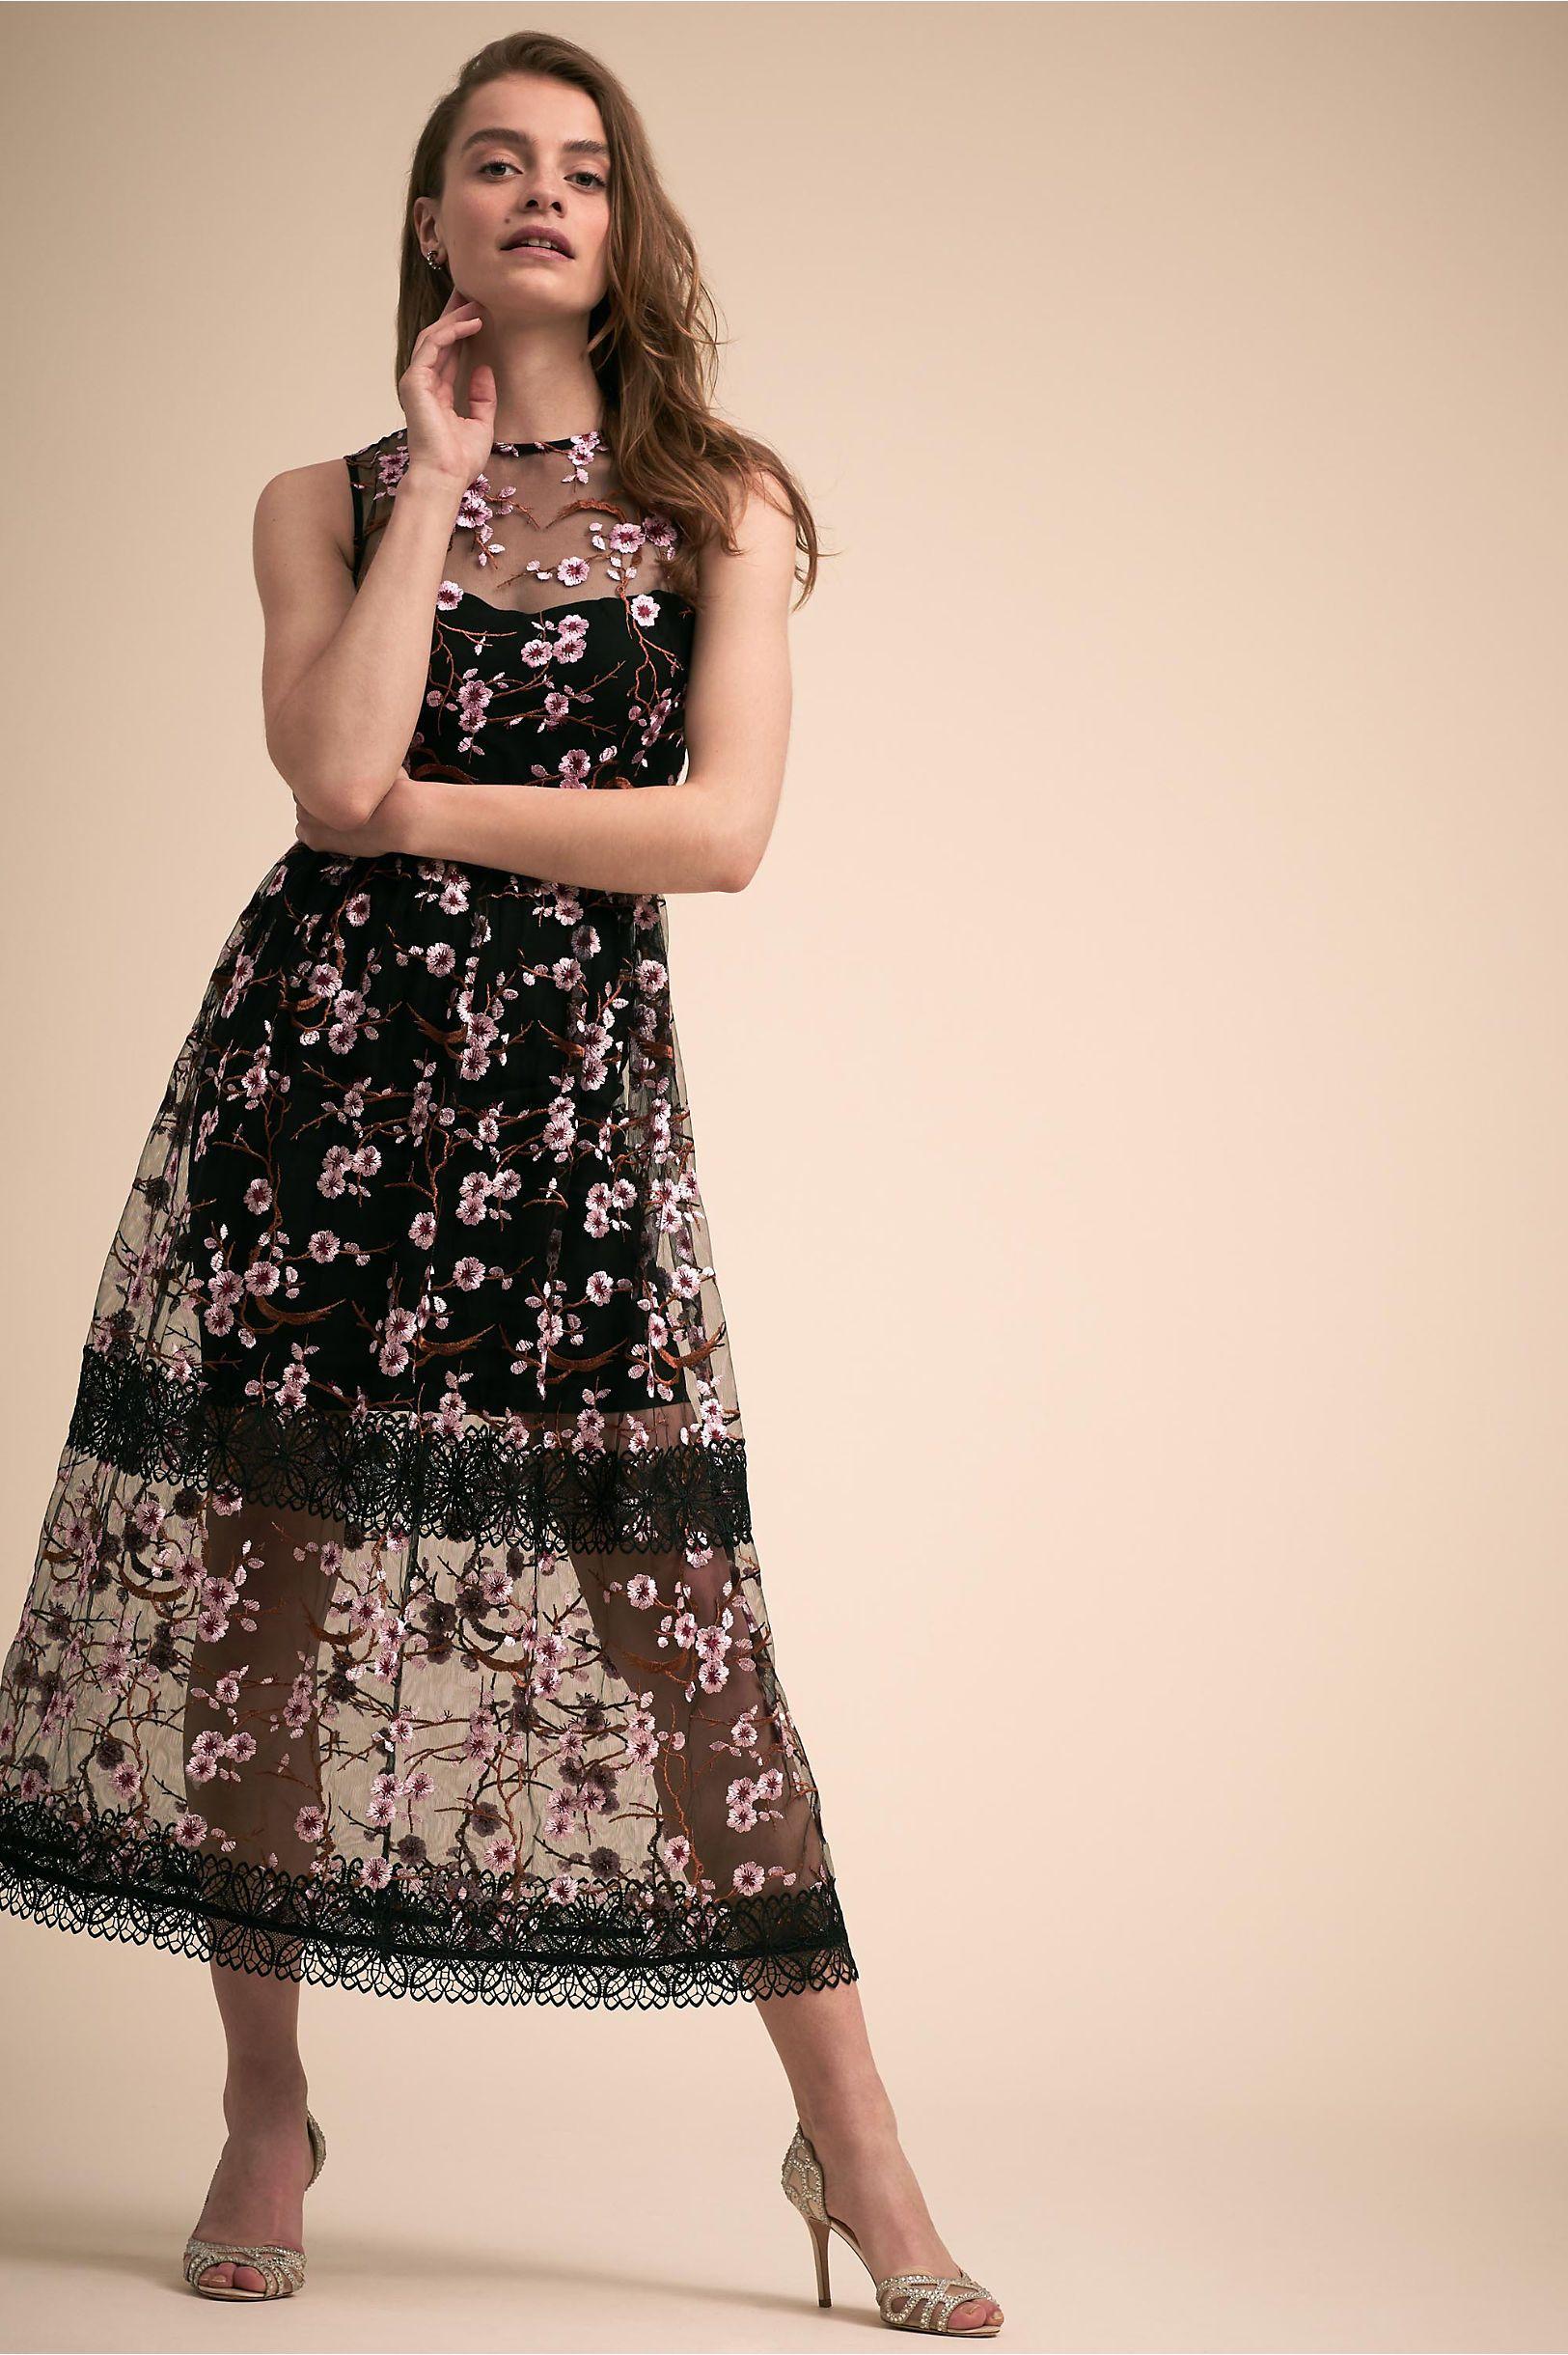 Sakura Dress Black Pink In New Amp Noteworthy